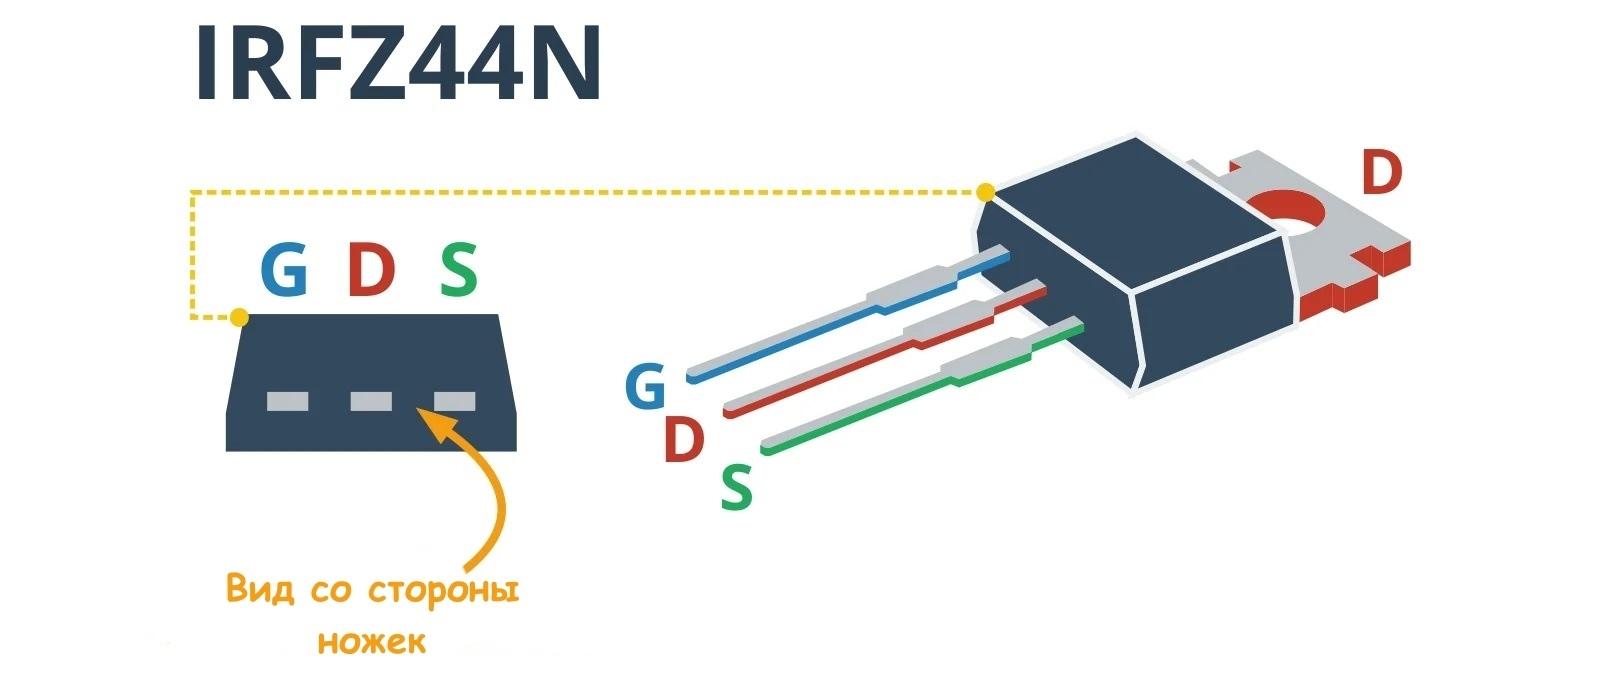 Описание выводов транзистора IRFZ44N